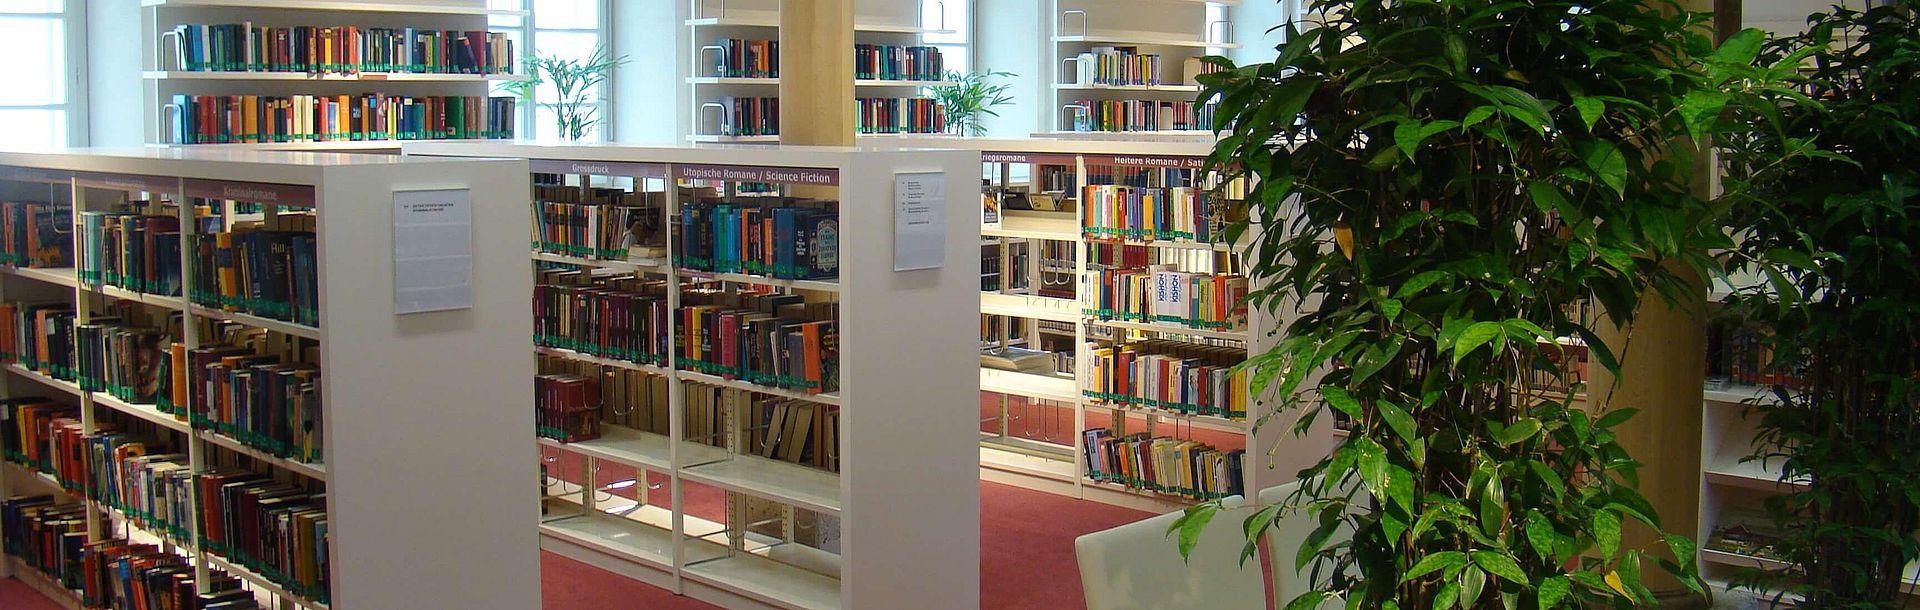 Stadtbücherei - Bücherregale